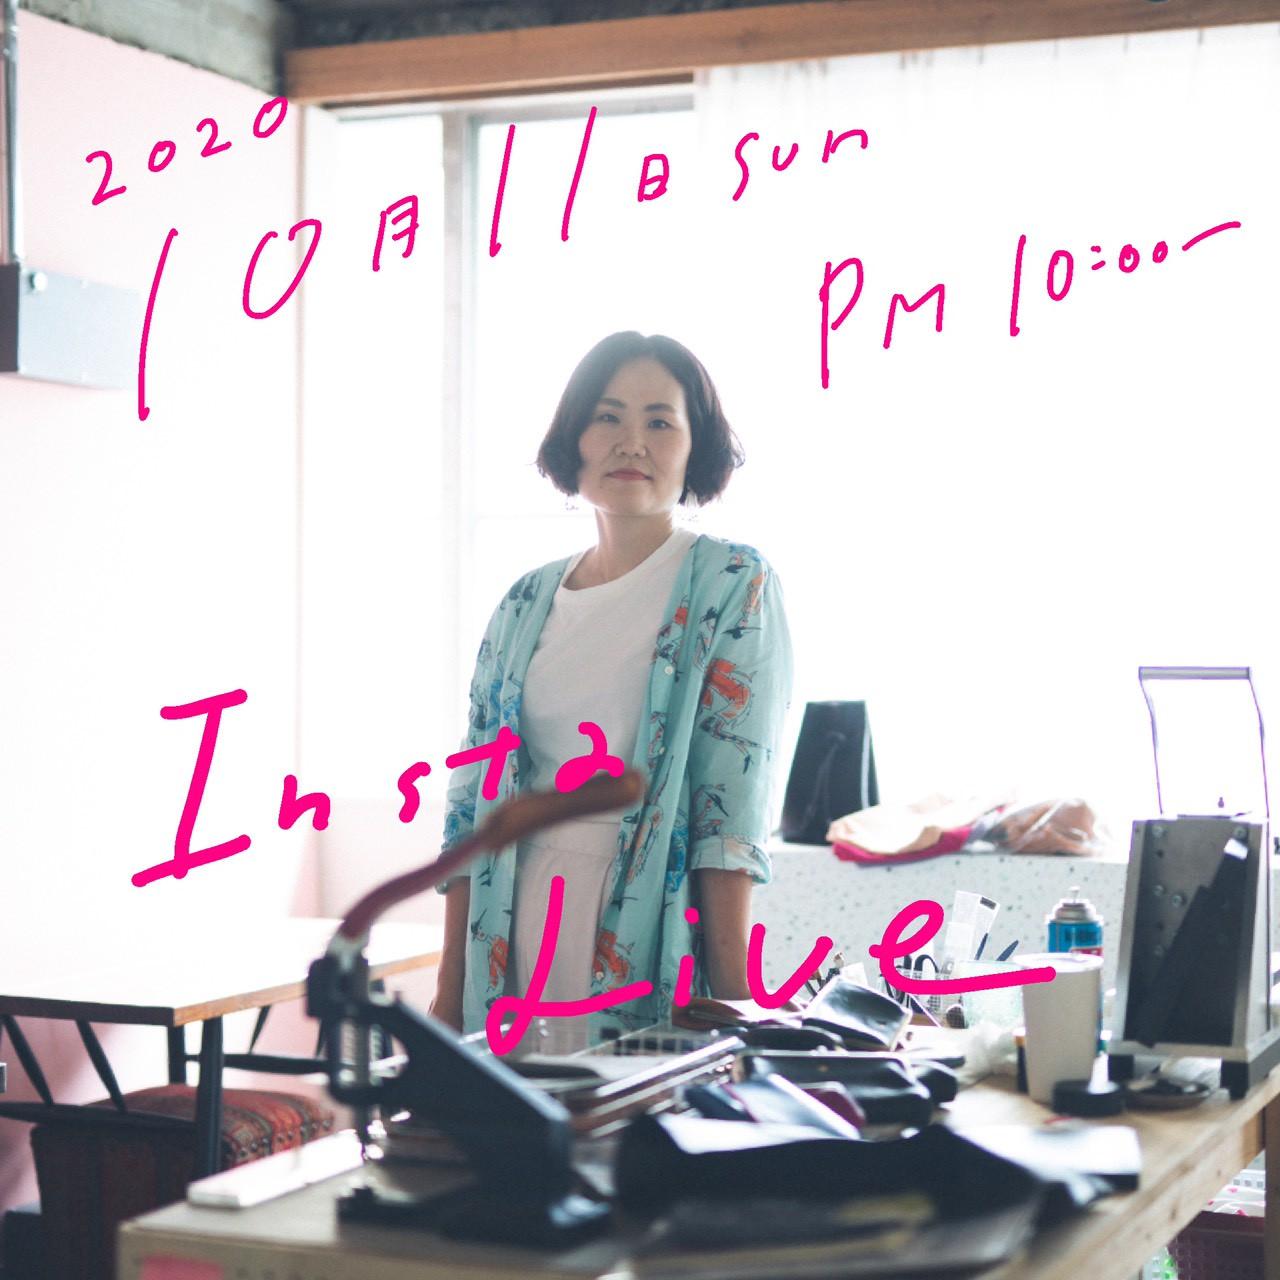 👛お財布作家PETTICAミチヨが教える「豊持ちになれる手帳術」10/11インスタライブ を開催✨